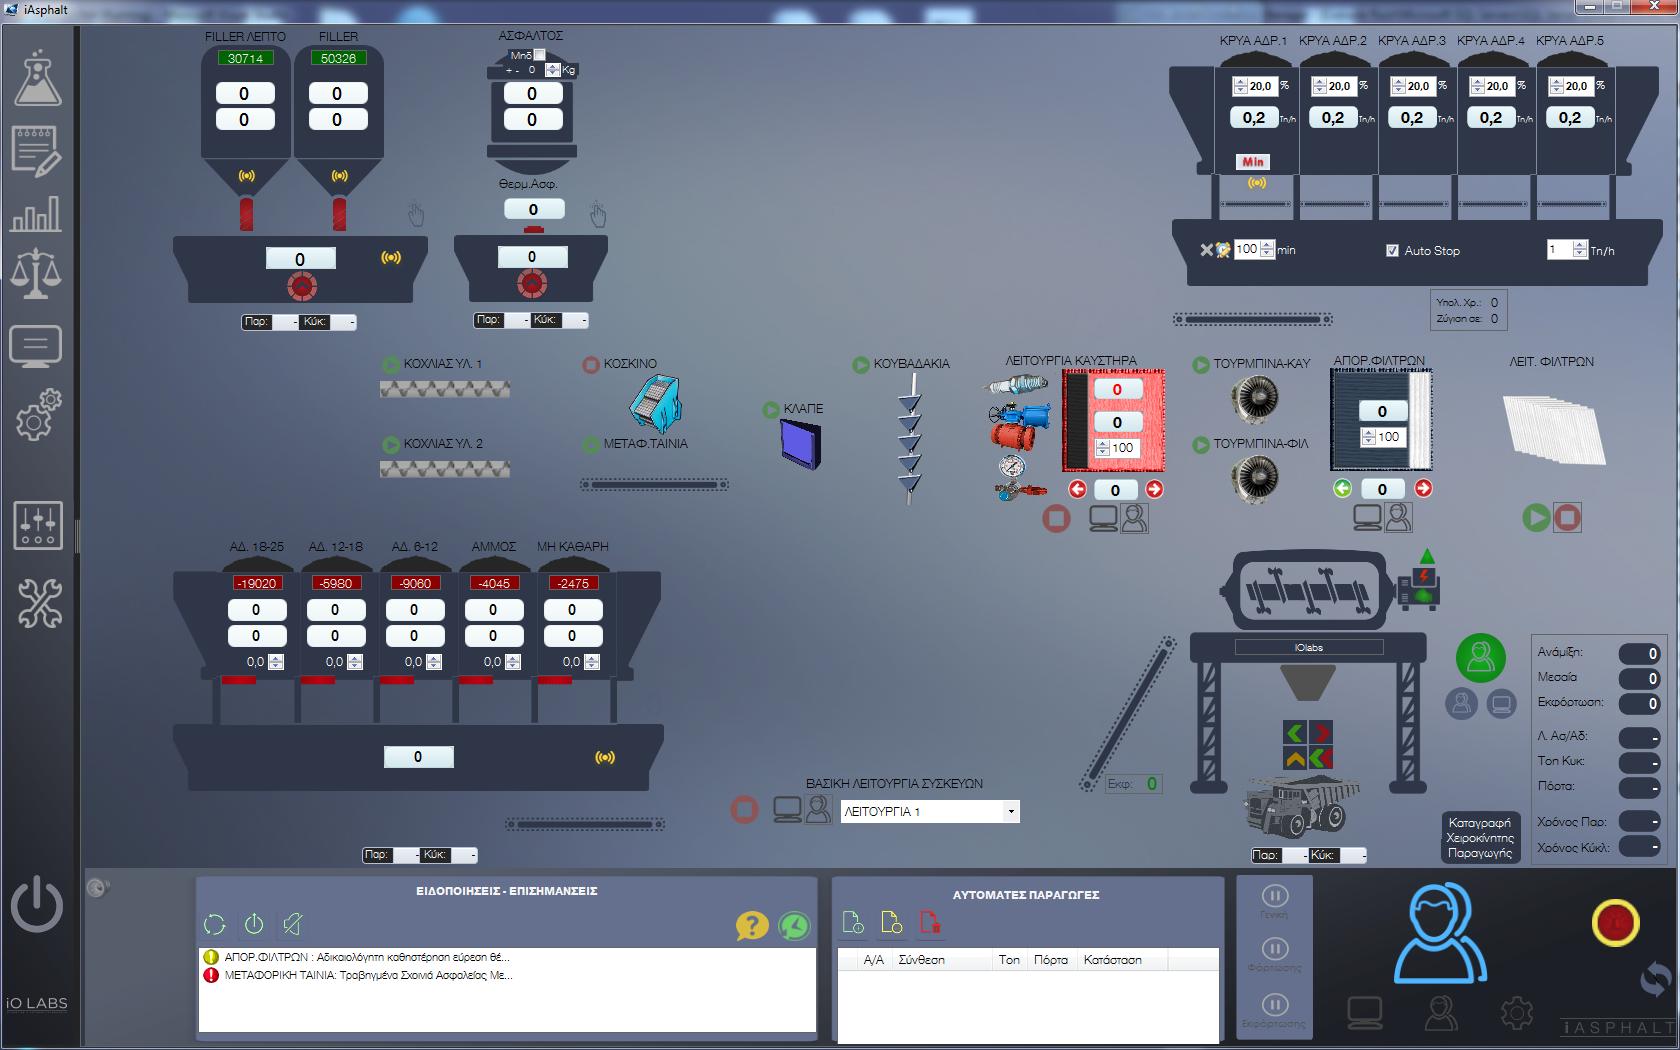 Βιομηχανικός αυτοματισμός παραγωγής Ασφάλτου – iAsphalt